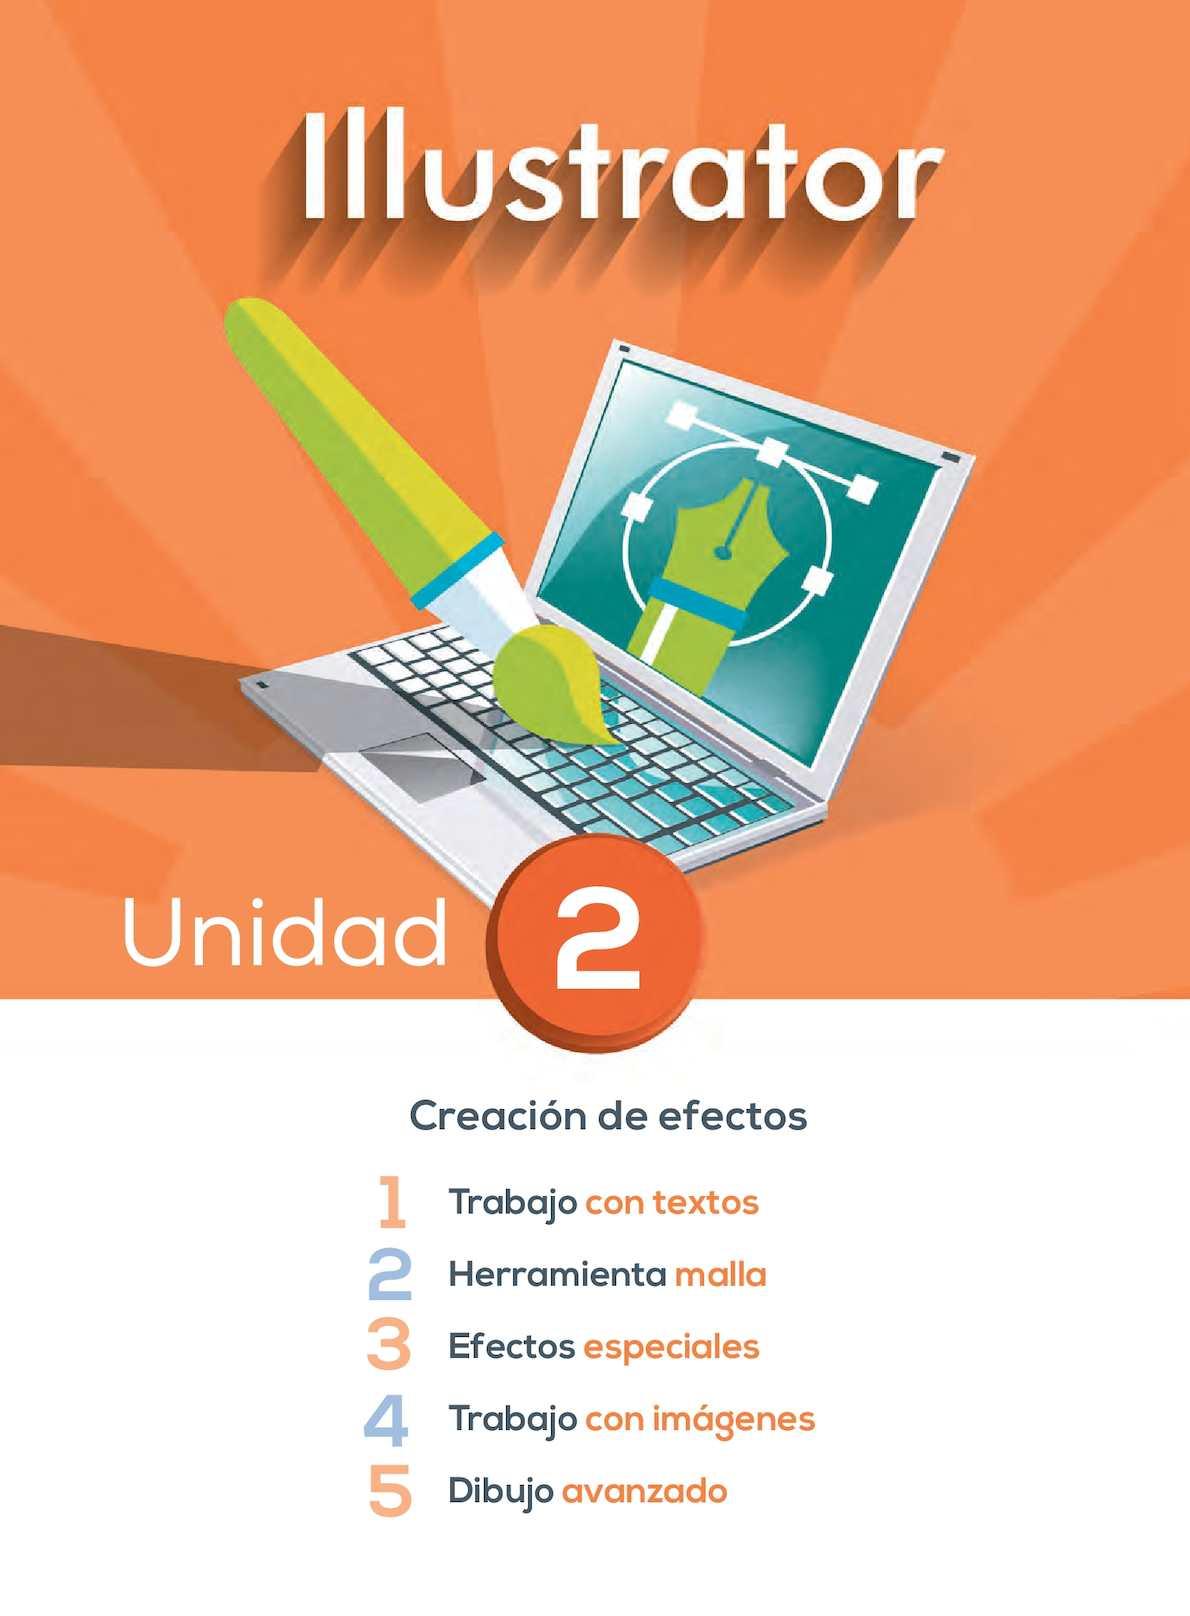 EDI04 UNIDAD 2 ILUSTRATOR CC RED